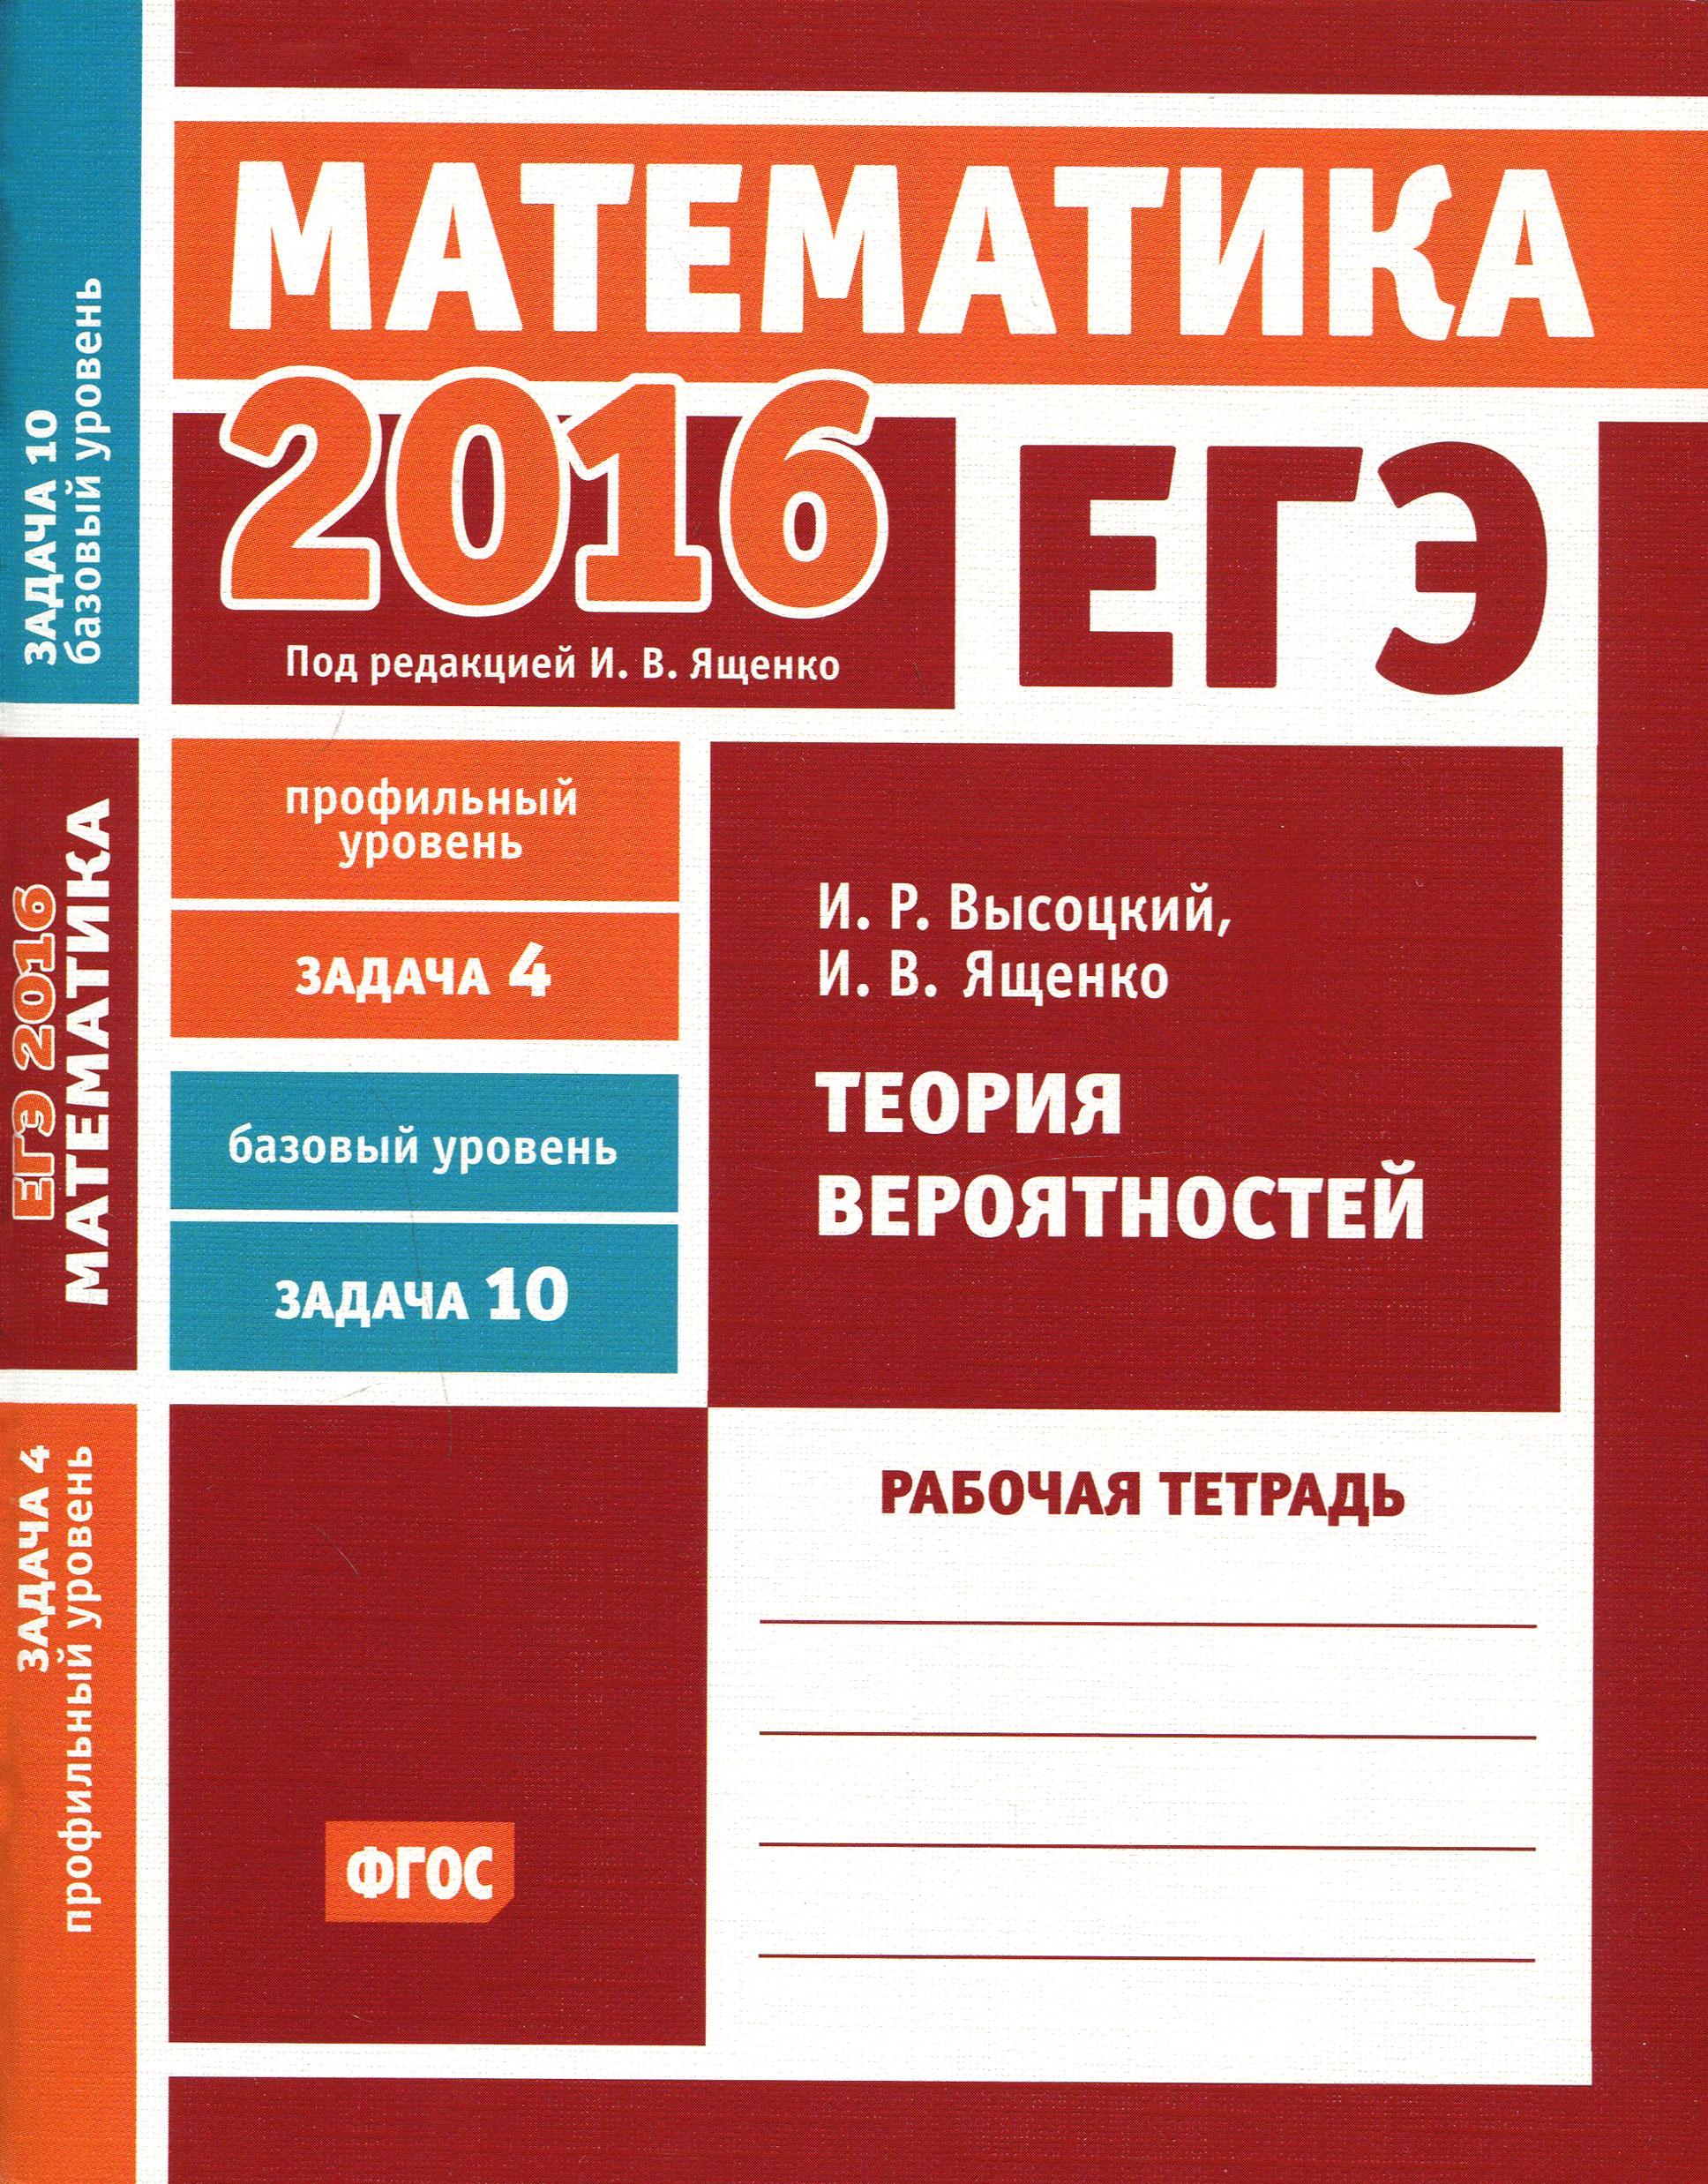 ЕГЭ 2016. Математика. Задача 4. Профильный уровень. Задача 10. Базовый уровень. Теория вероятностей. Рабочая тетрадь